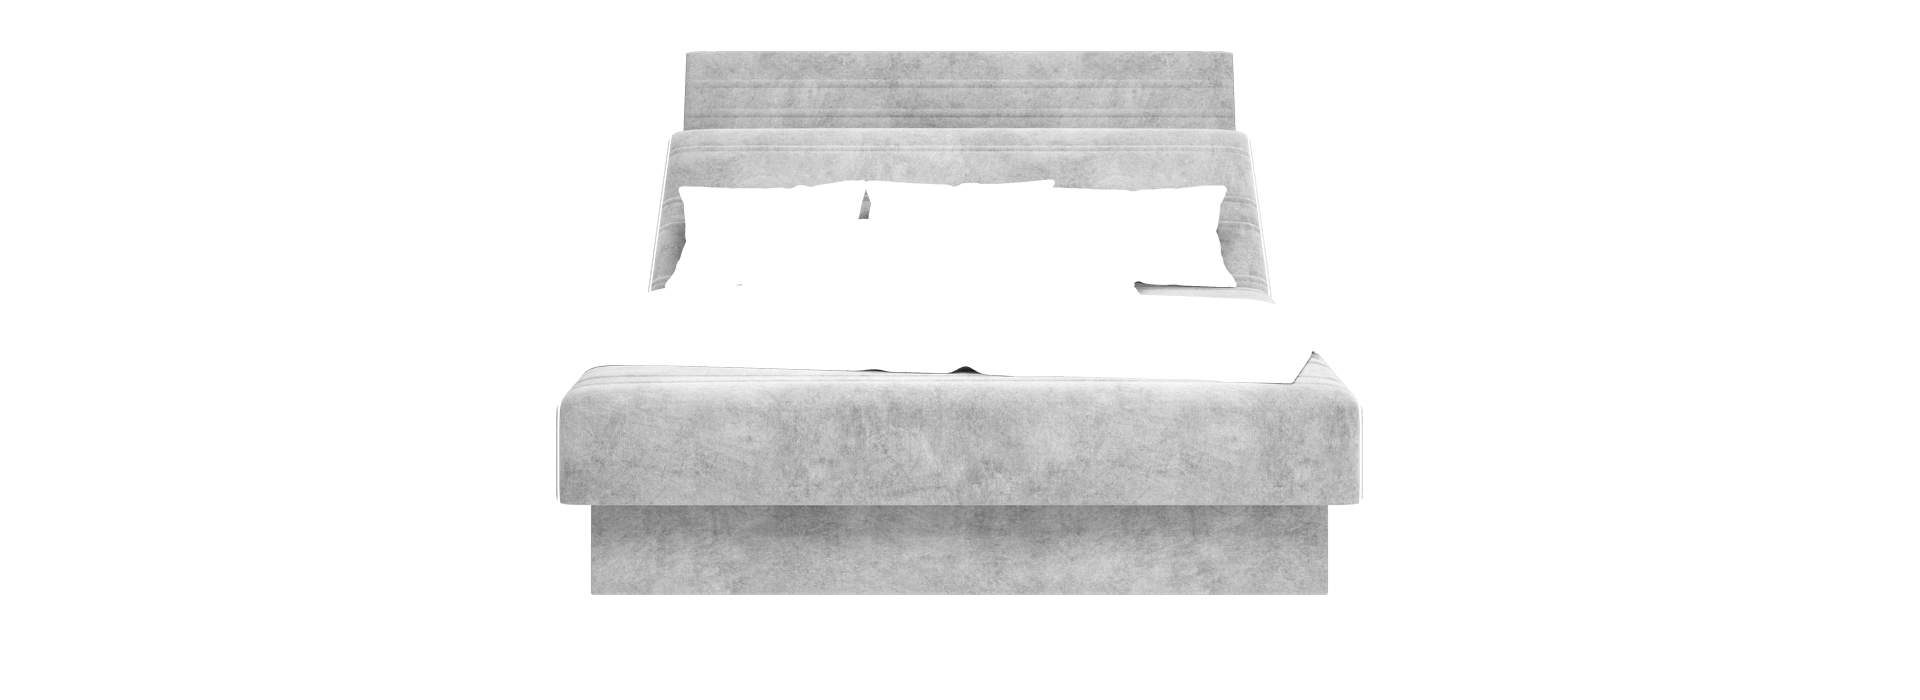 Аміра 1.4 МП ліжко с 2-ма підйомниками - маска 1